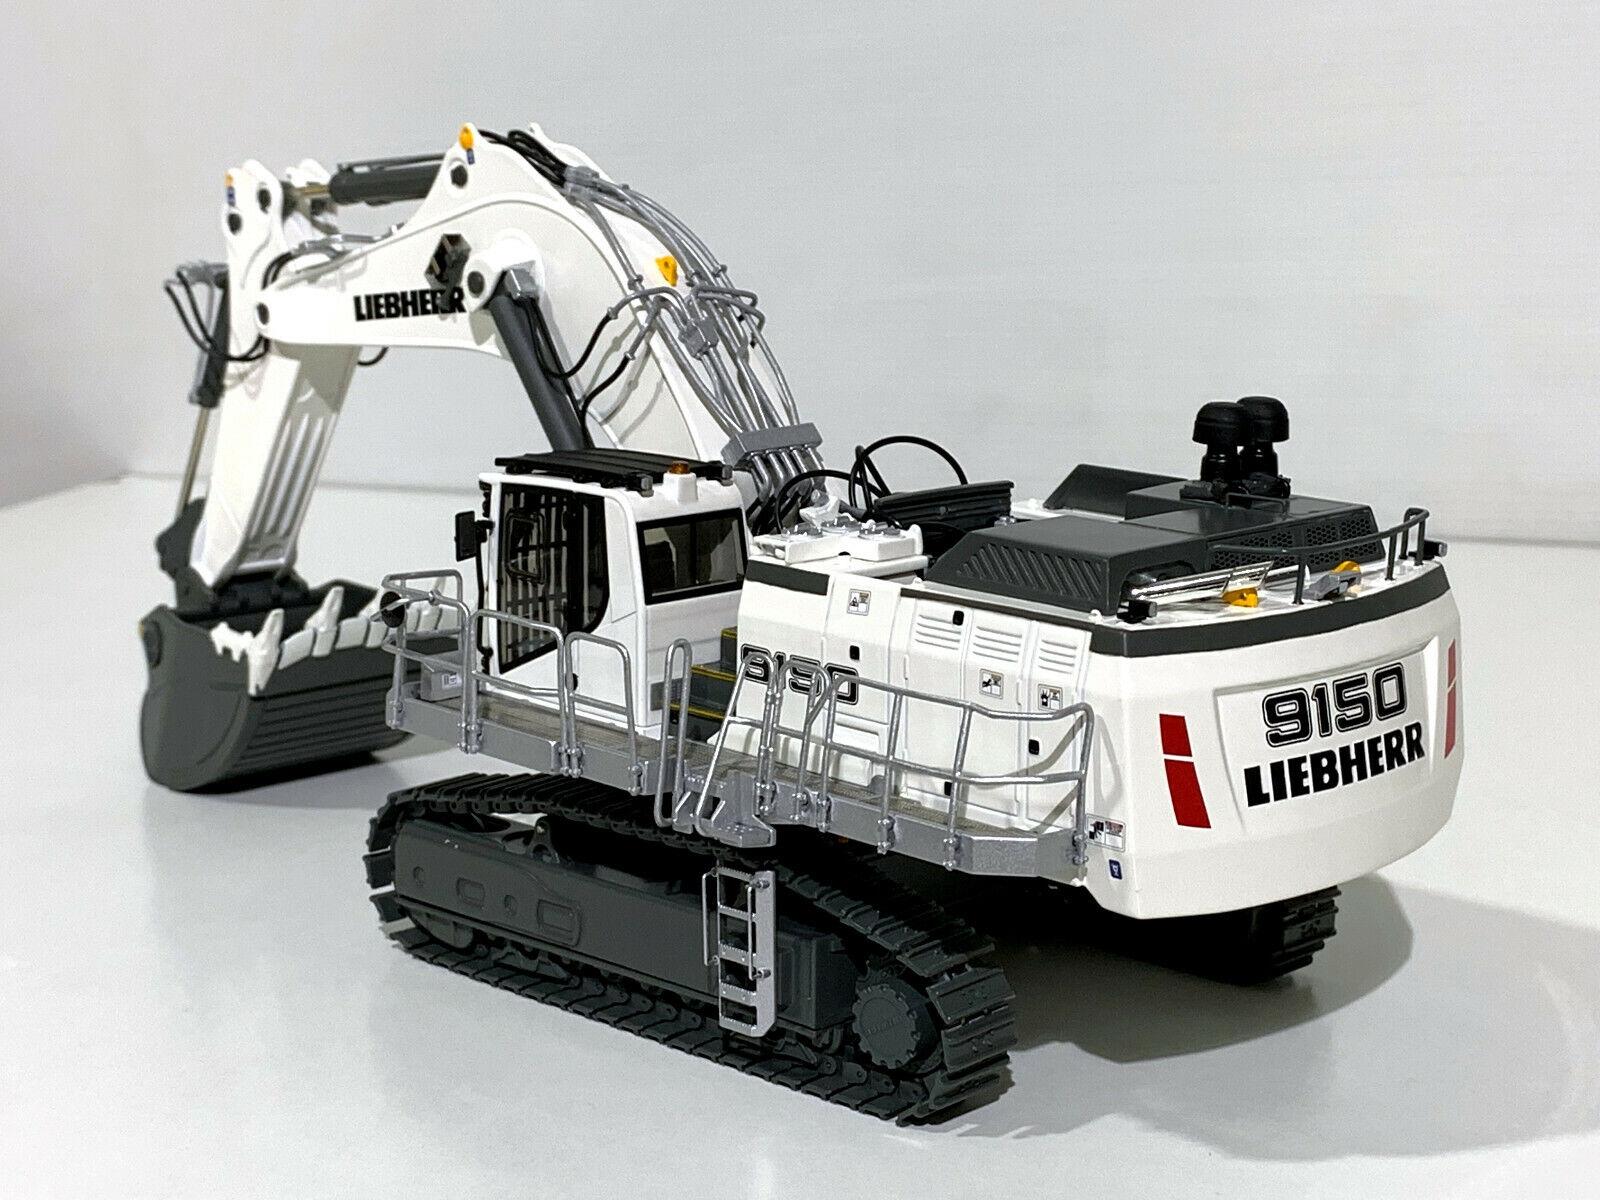 Liebherr R9150 EscavatoreWSI CAMION modellololi  1 50,042023